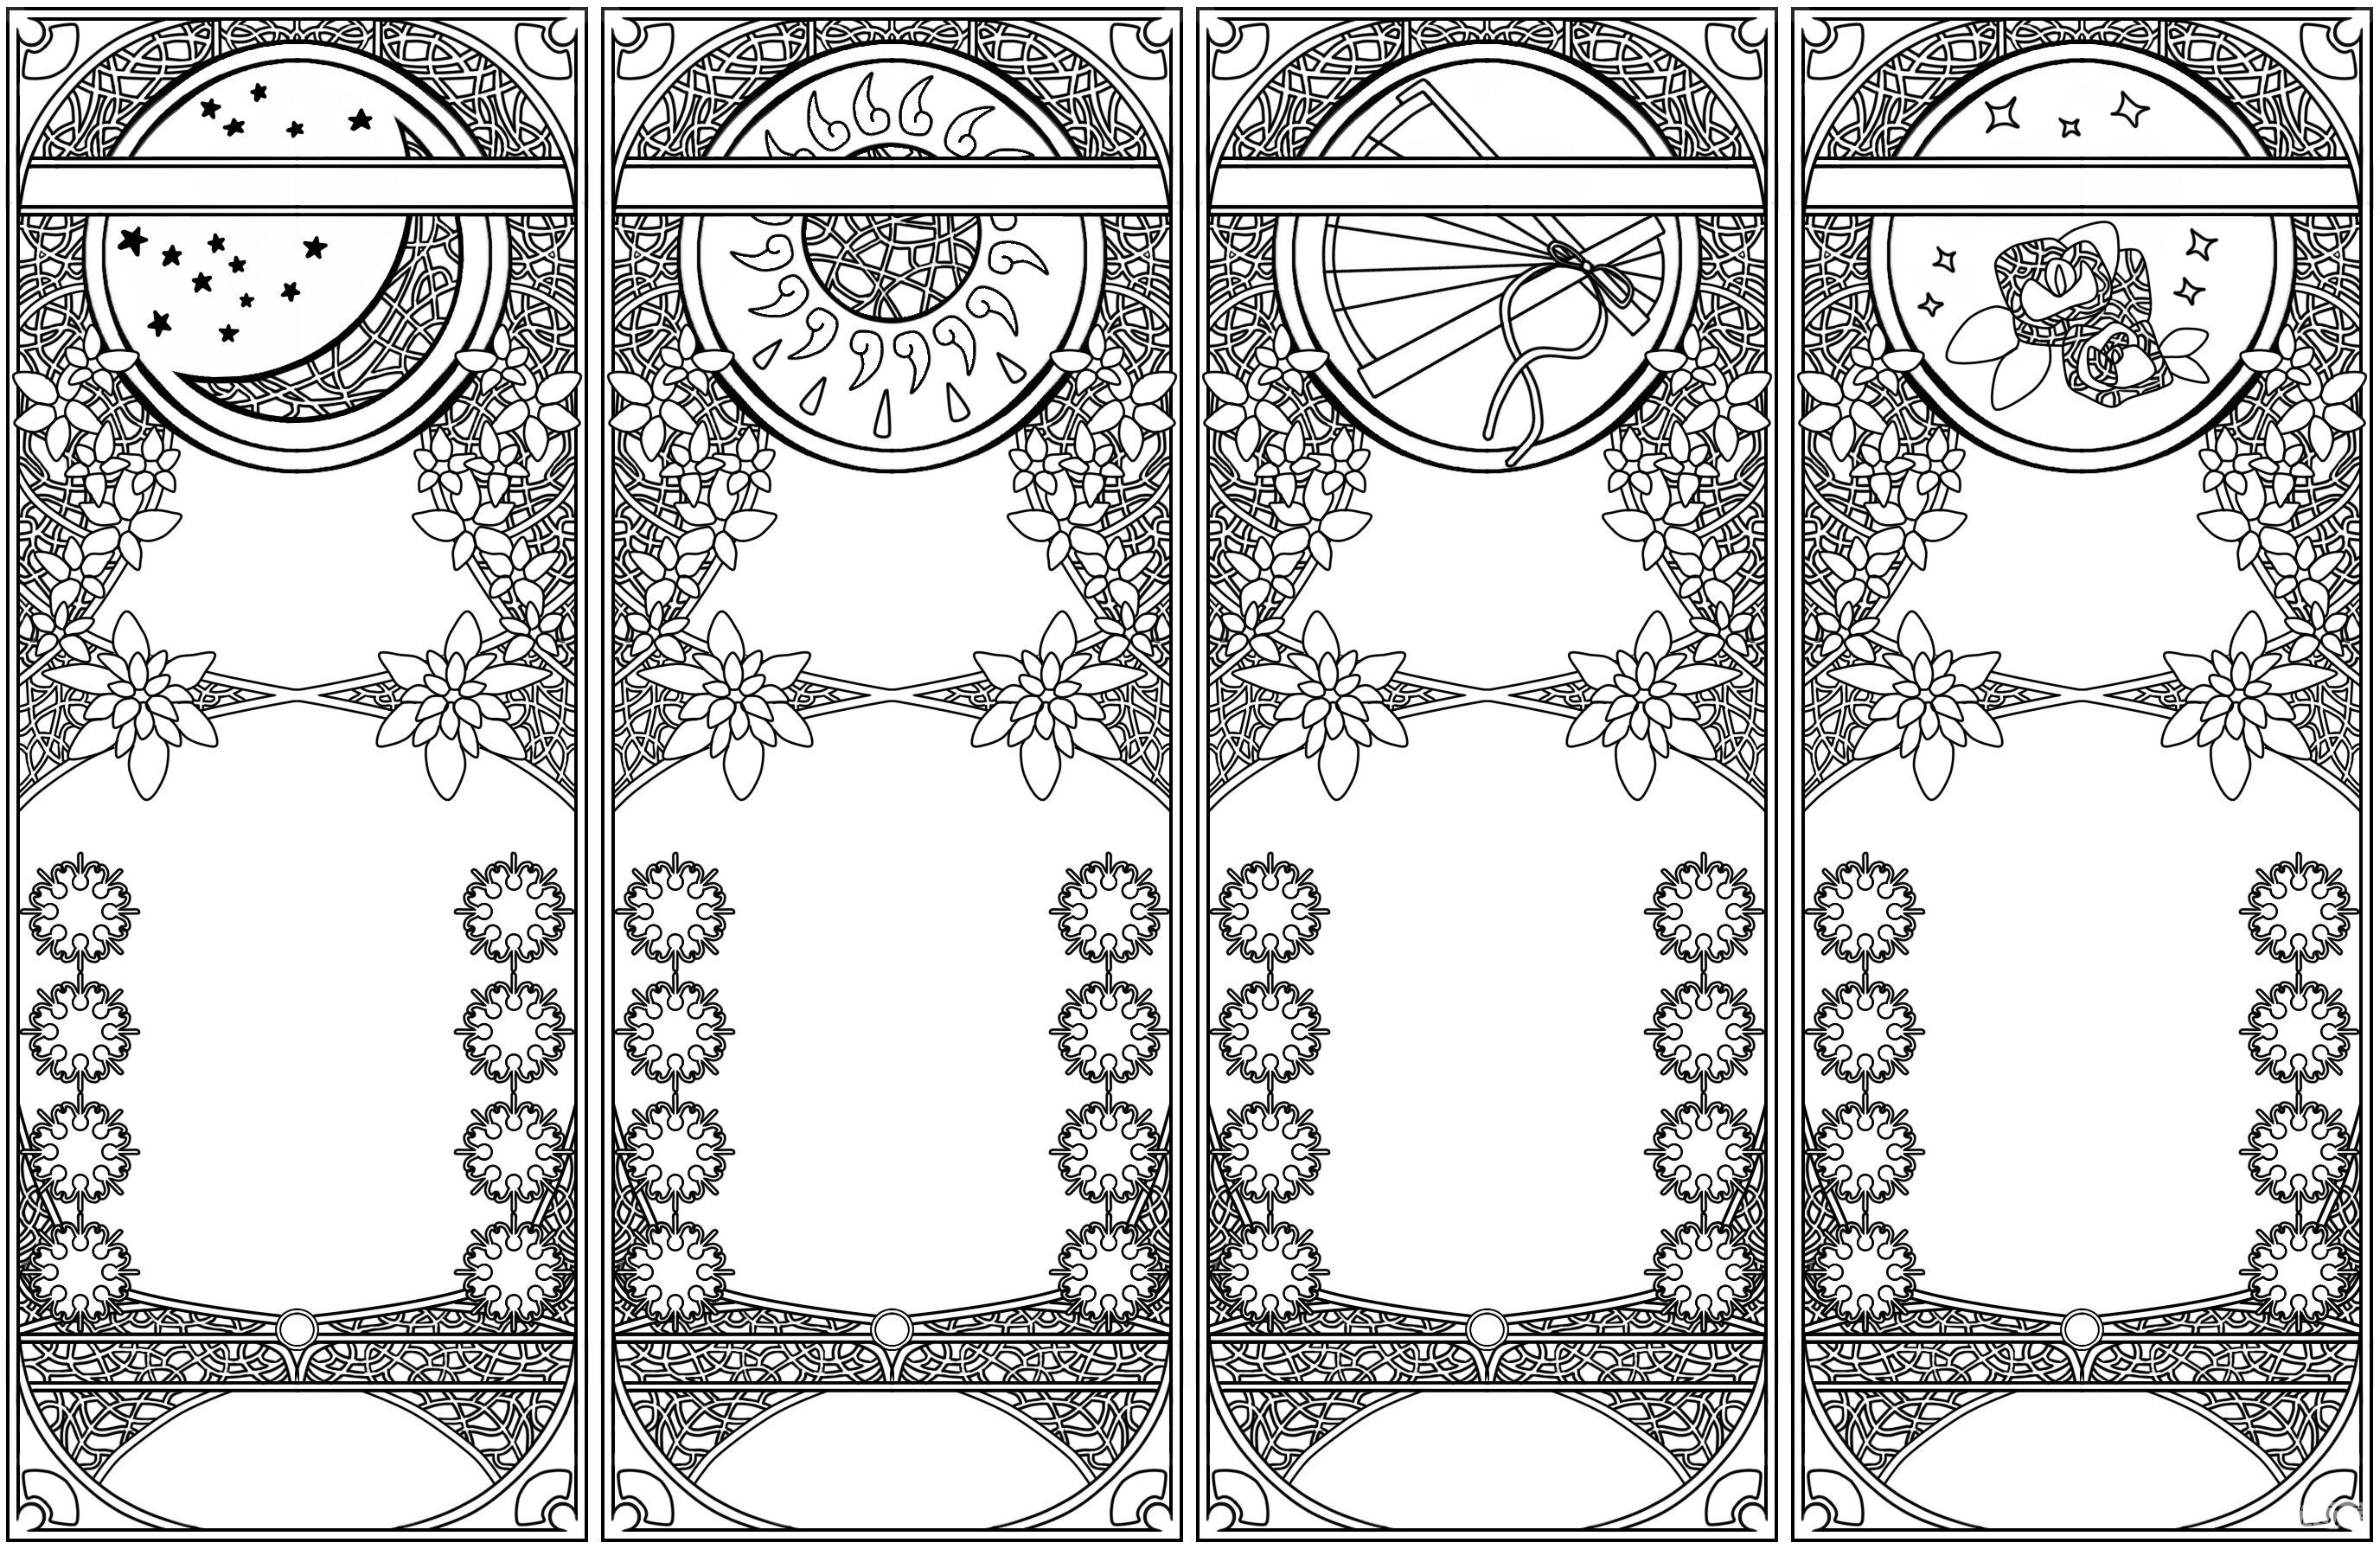 复古正方形边框素材展示